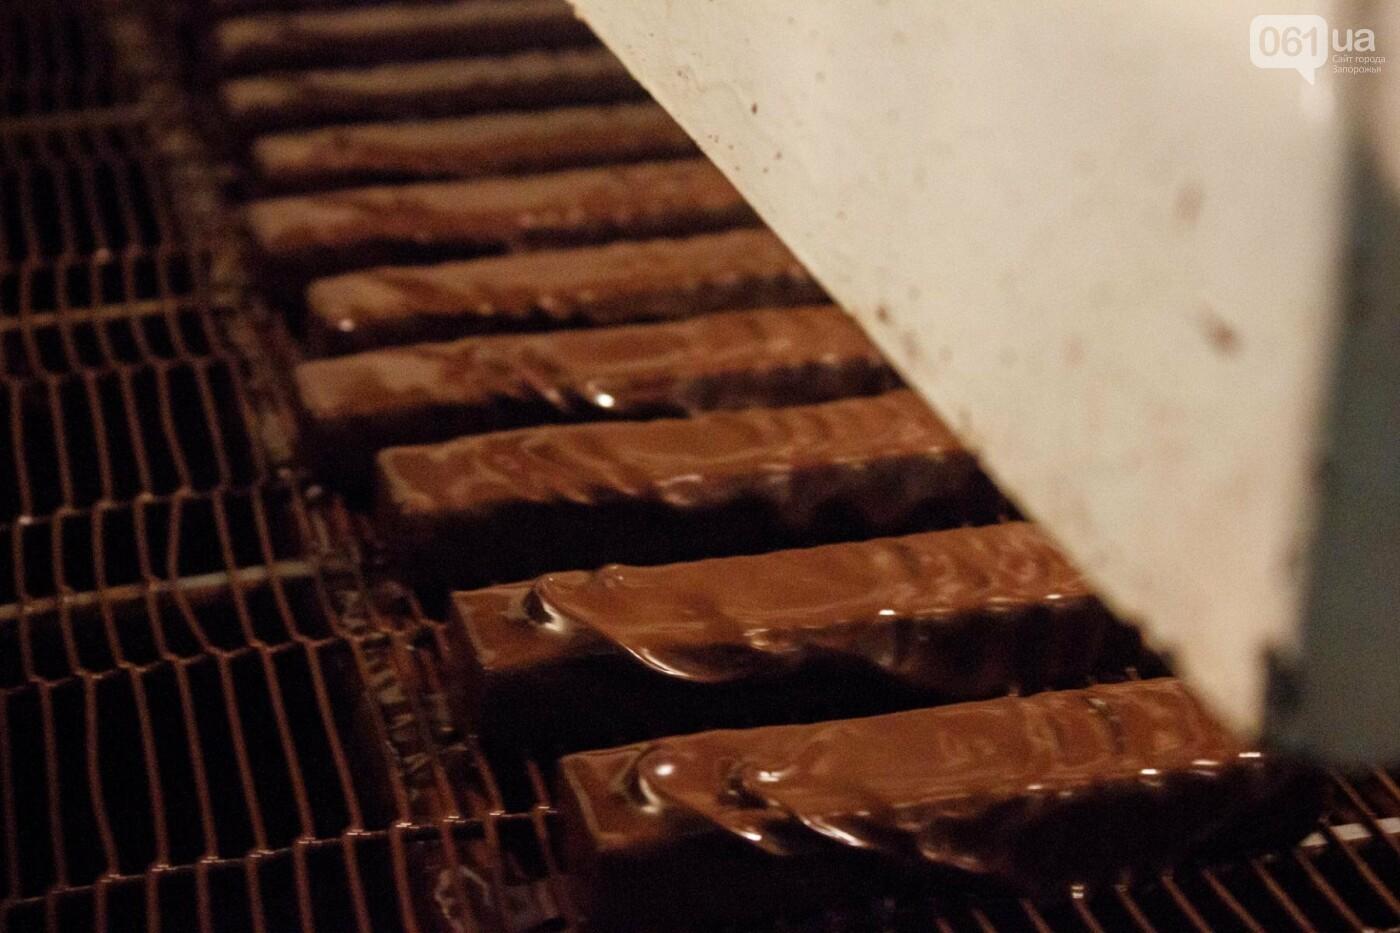 Как в Запорожье делают конфеты: экскурсия на кондитерскую фабрику, – ФОТОРЕПОРТАЖ, фото-7